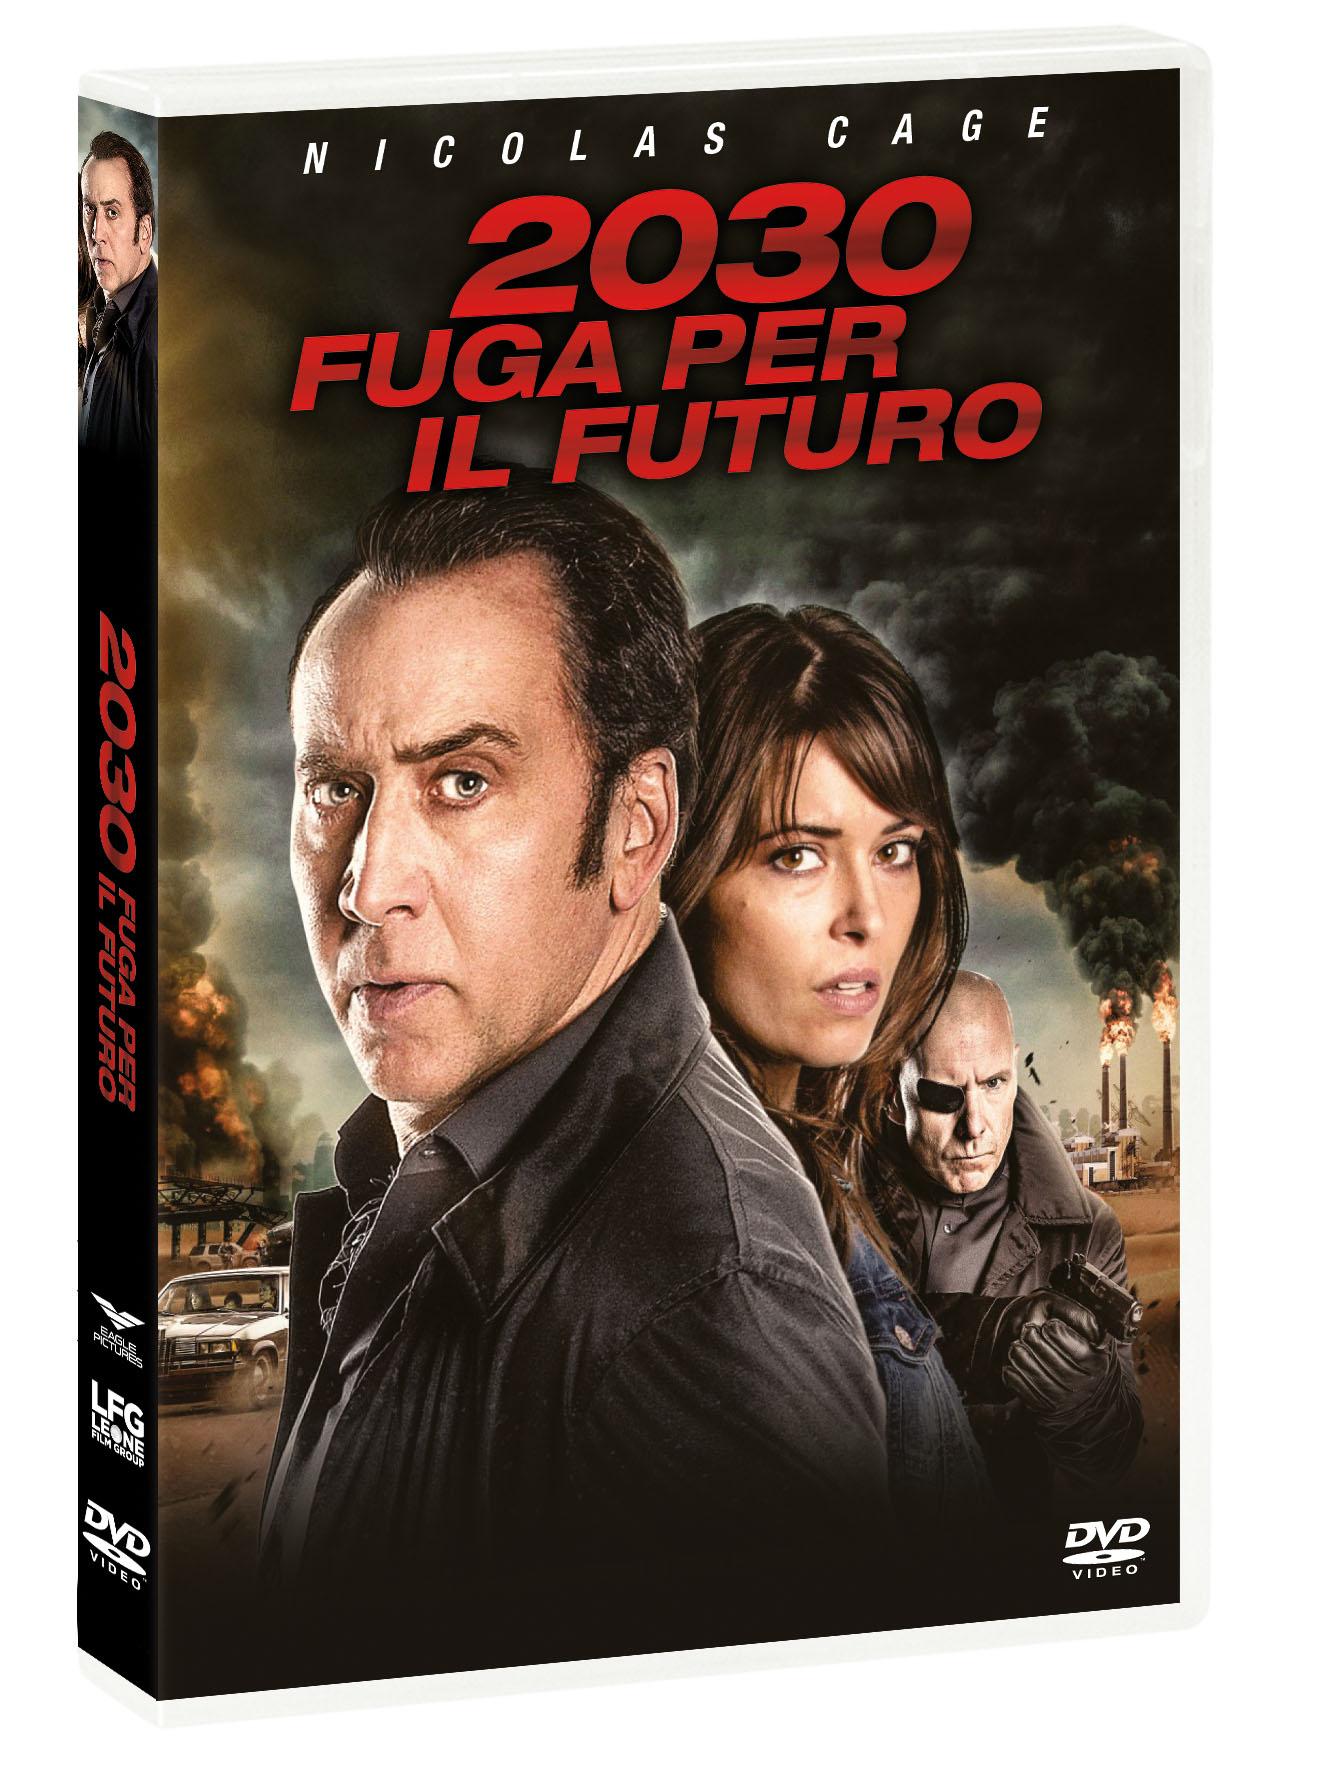 2030 FUGA PER IL FUTURO (DVD)